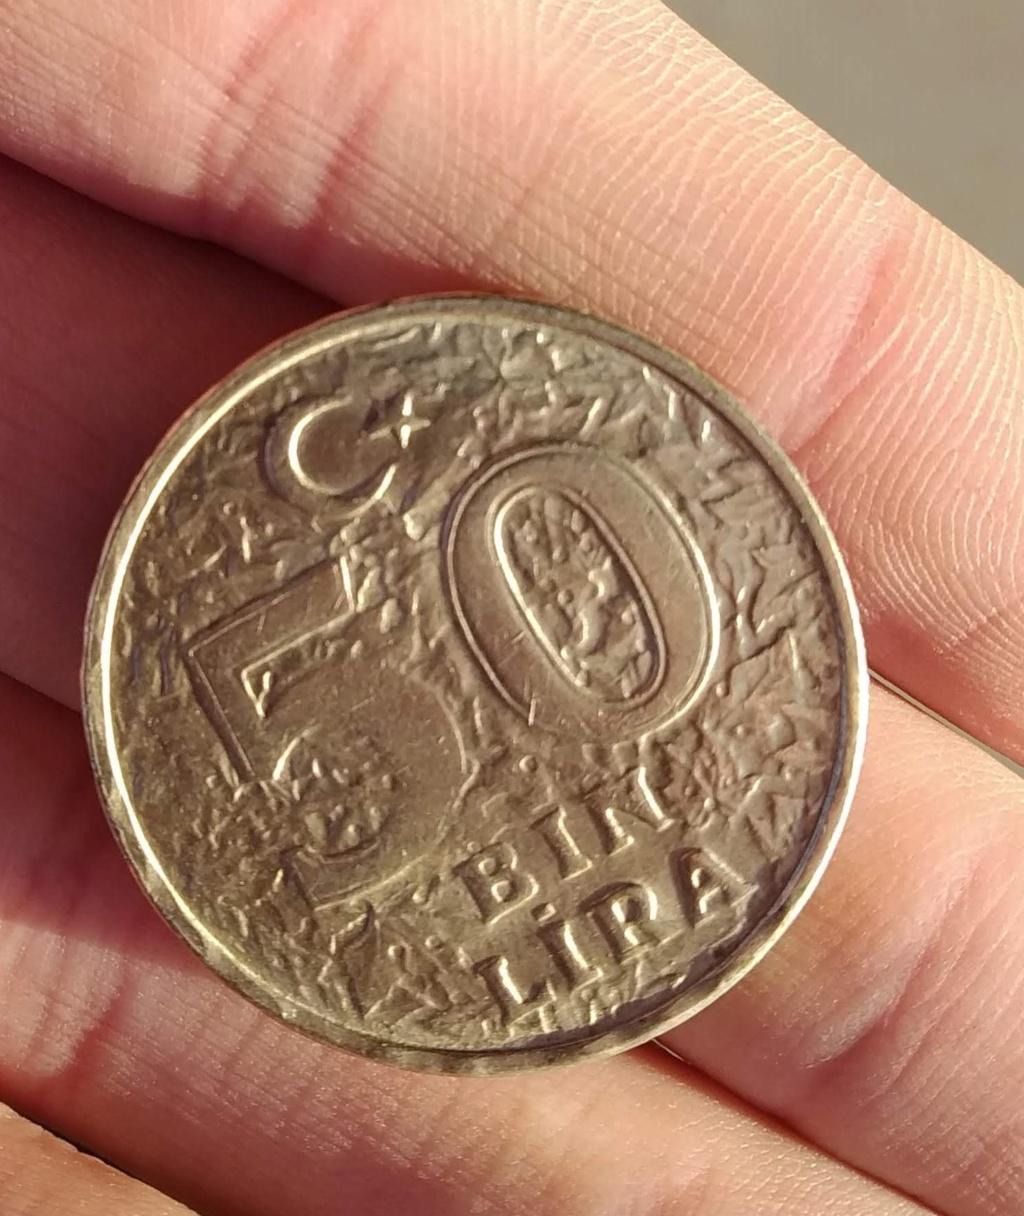 50.000 Liras 1996. Turquía. Opinión sobre valor. Img_2011